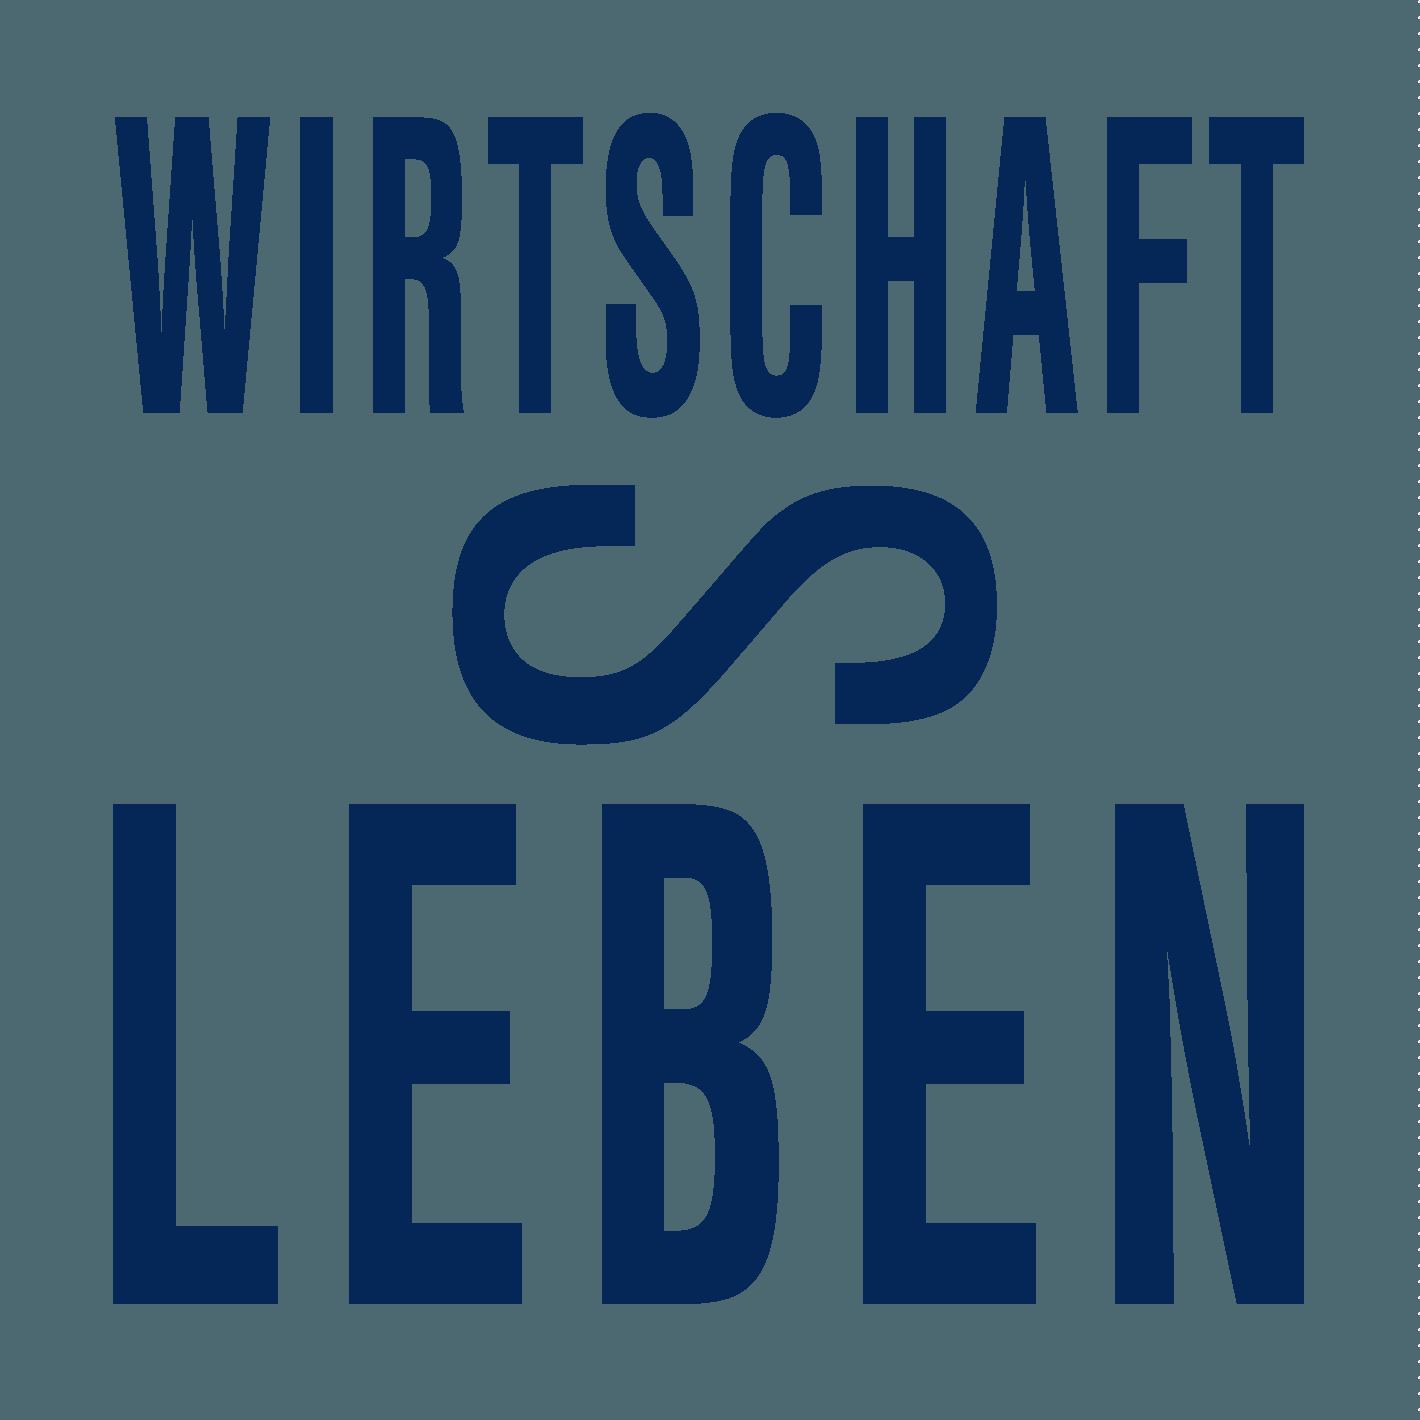 WIRTSCHAFT-LEBEN